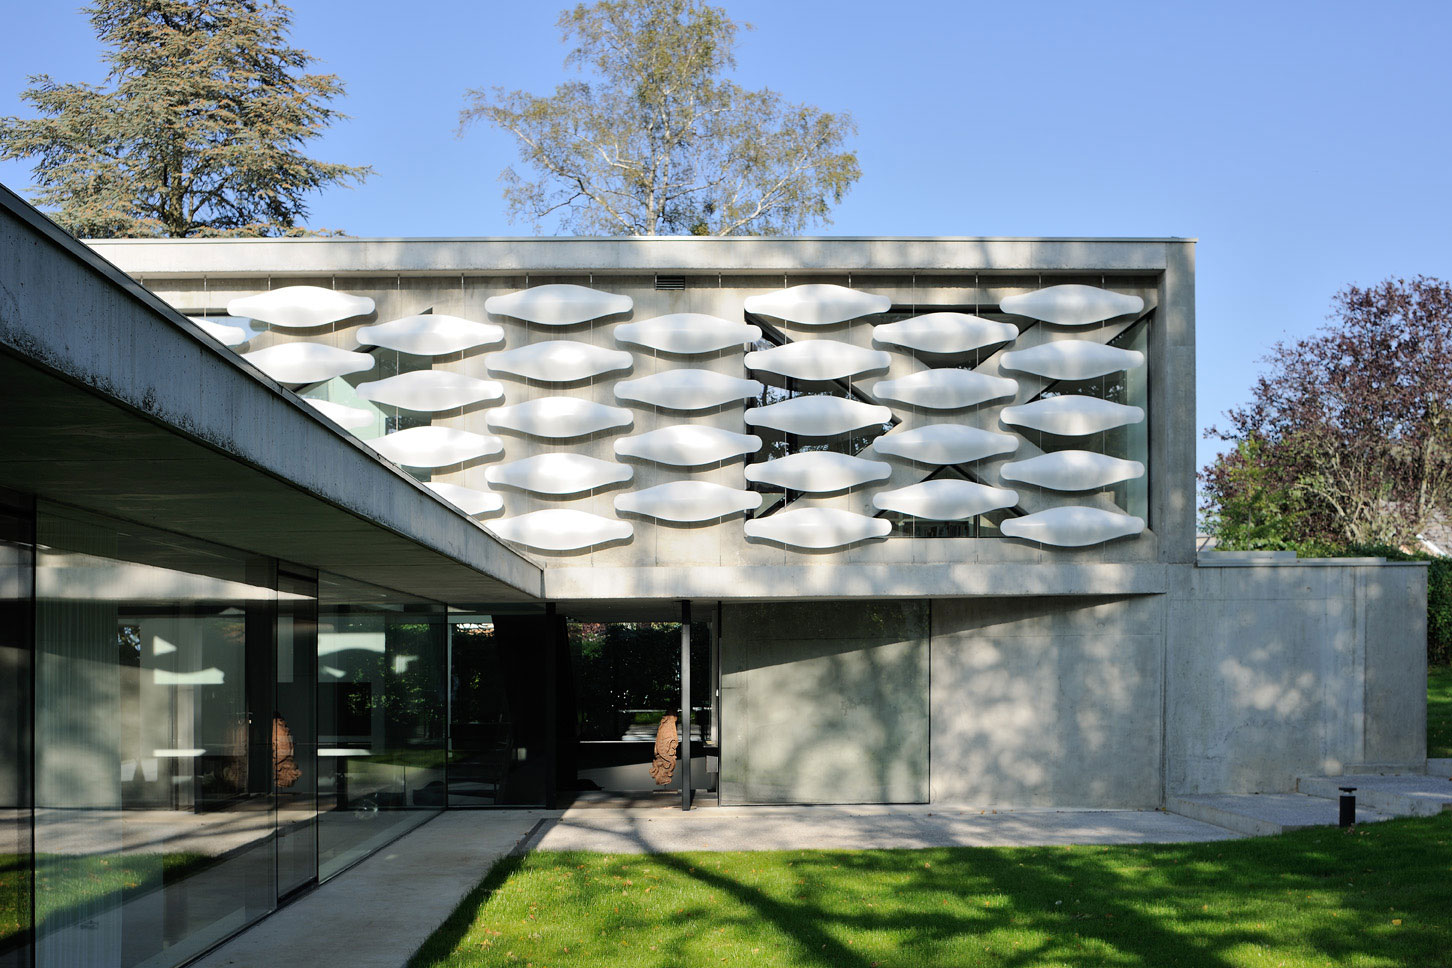 Maison au bord du lac 13 aum minassian architectes for Architecture contemporaine